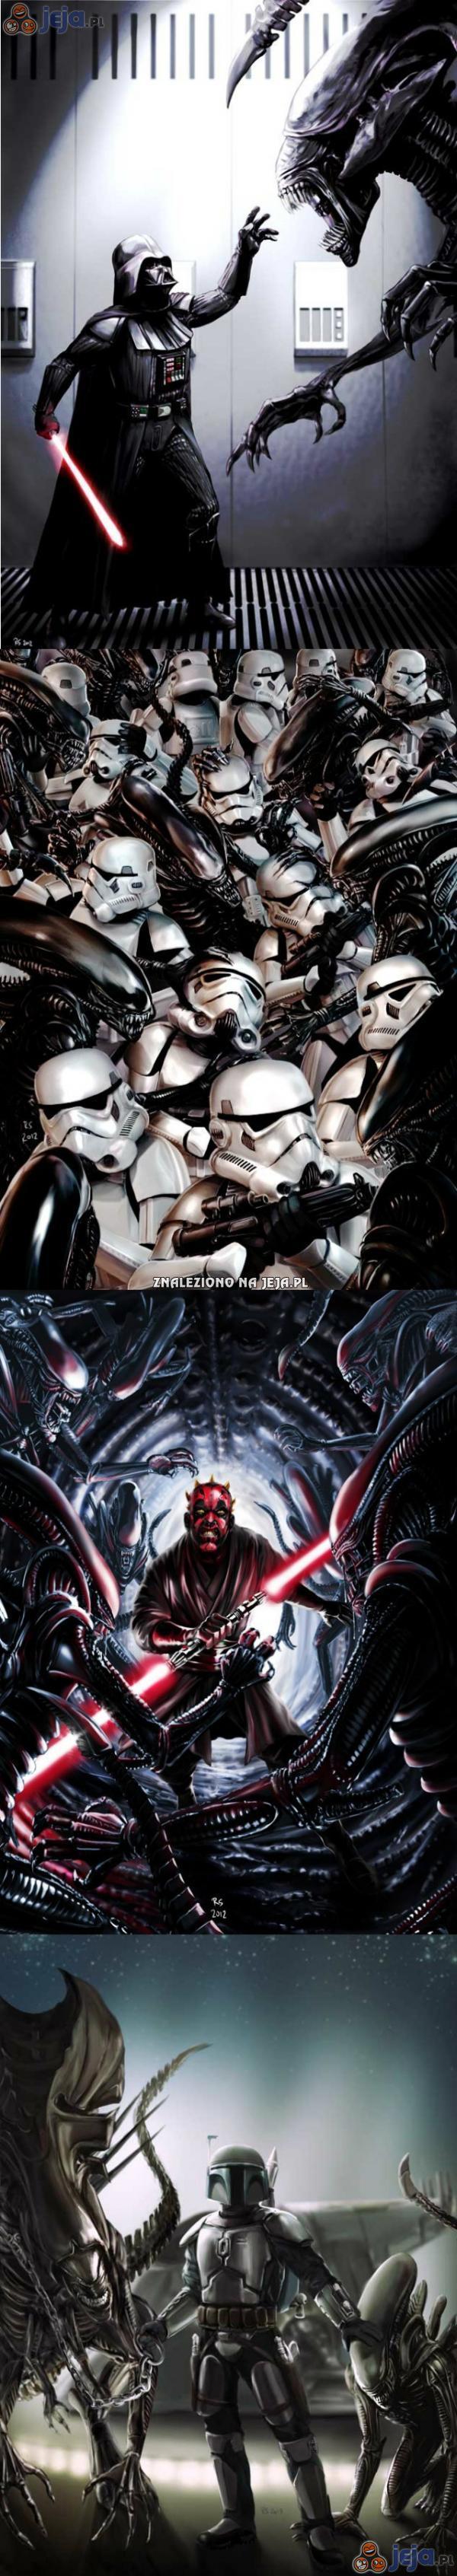 Star Wars vs Obcy